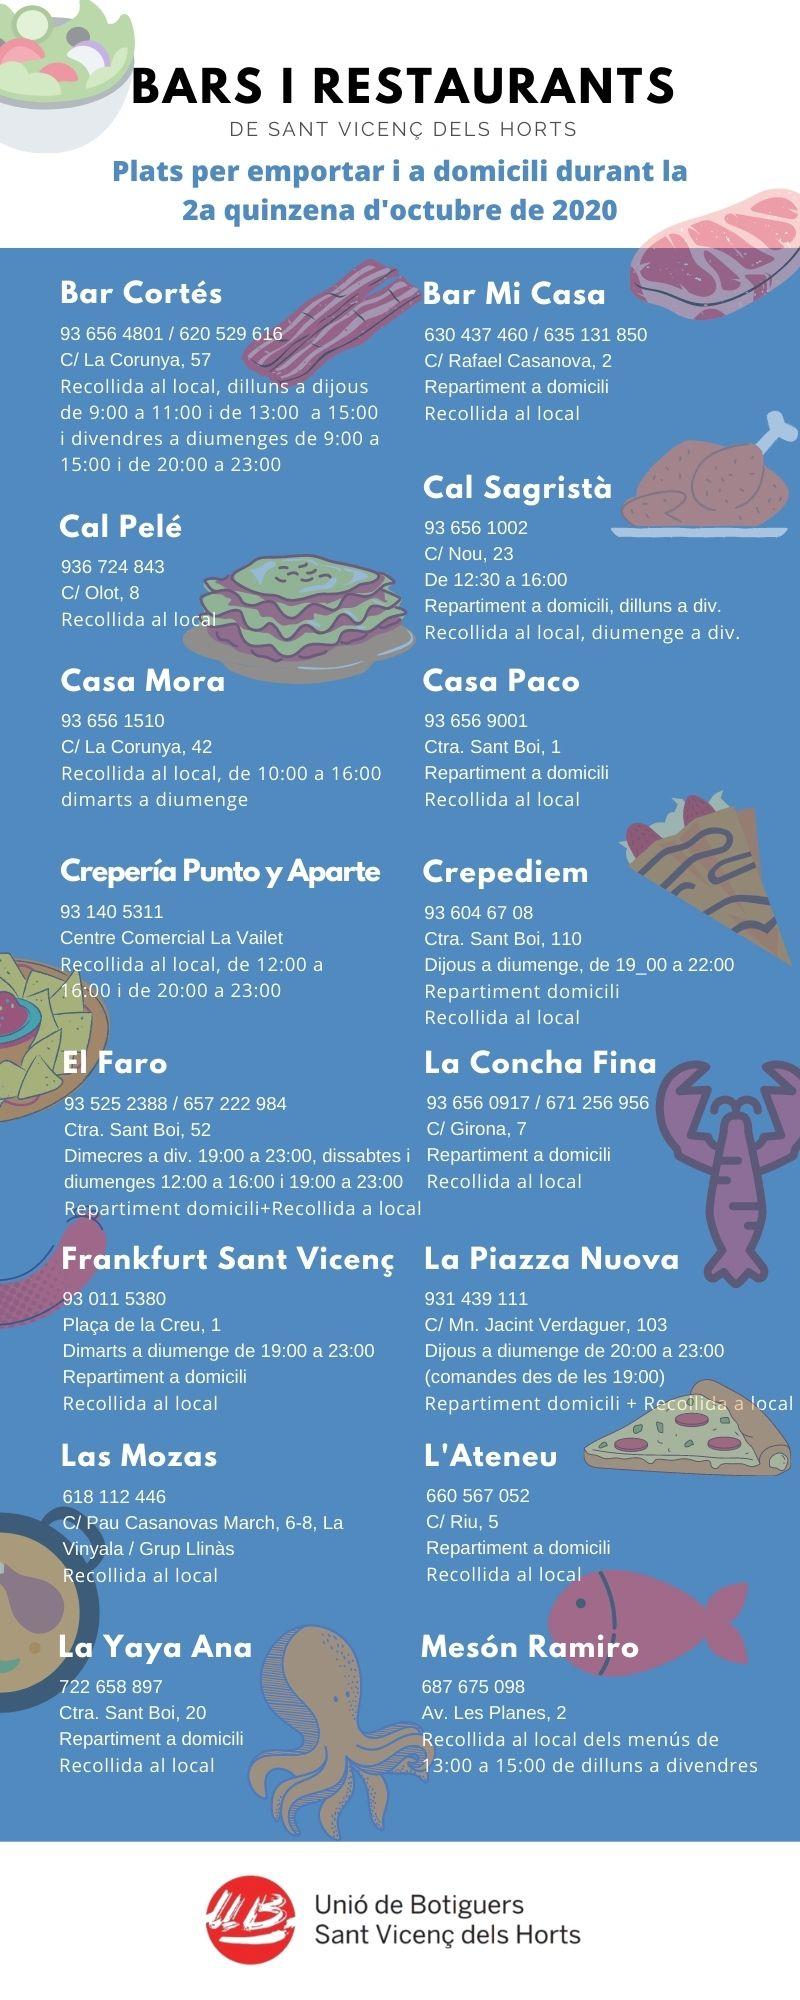 Bars i restaurants de Sant Vicenç durant la Covid octubre 2020